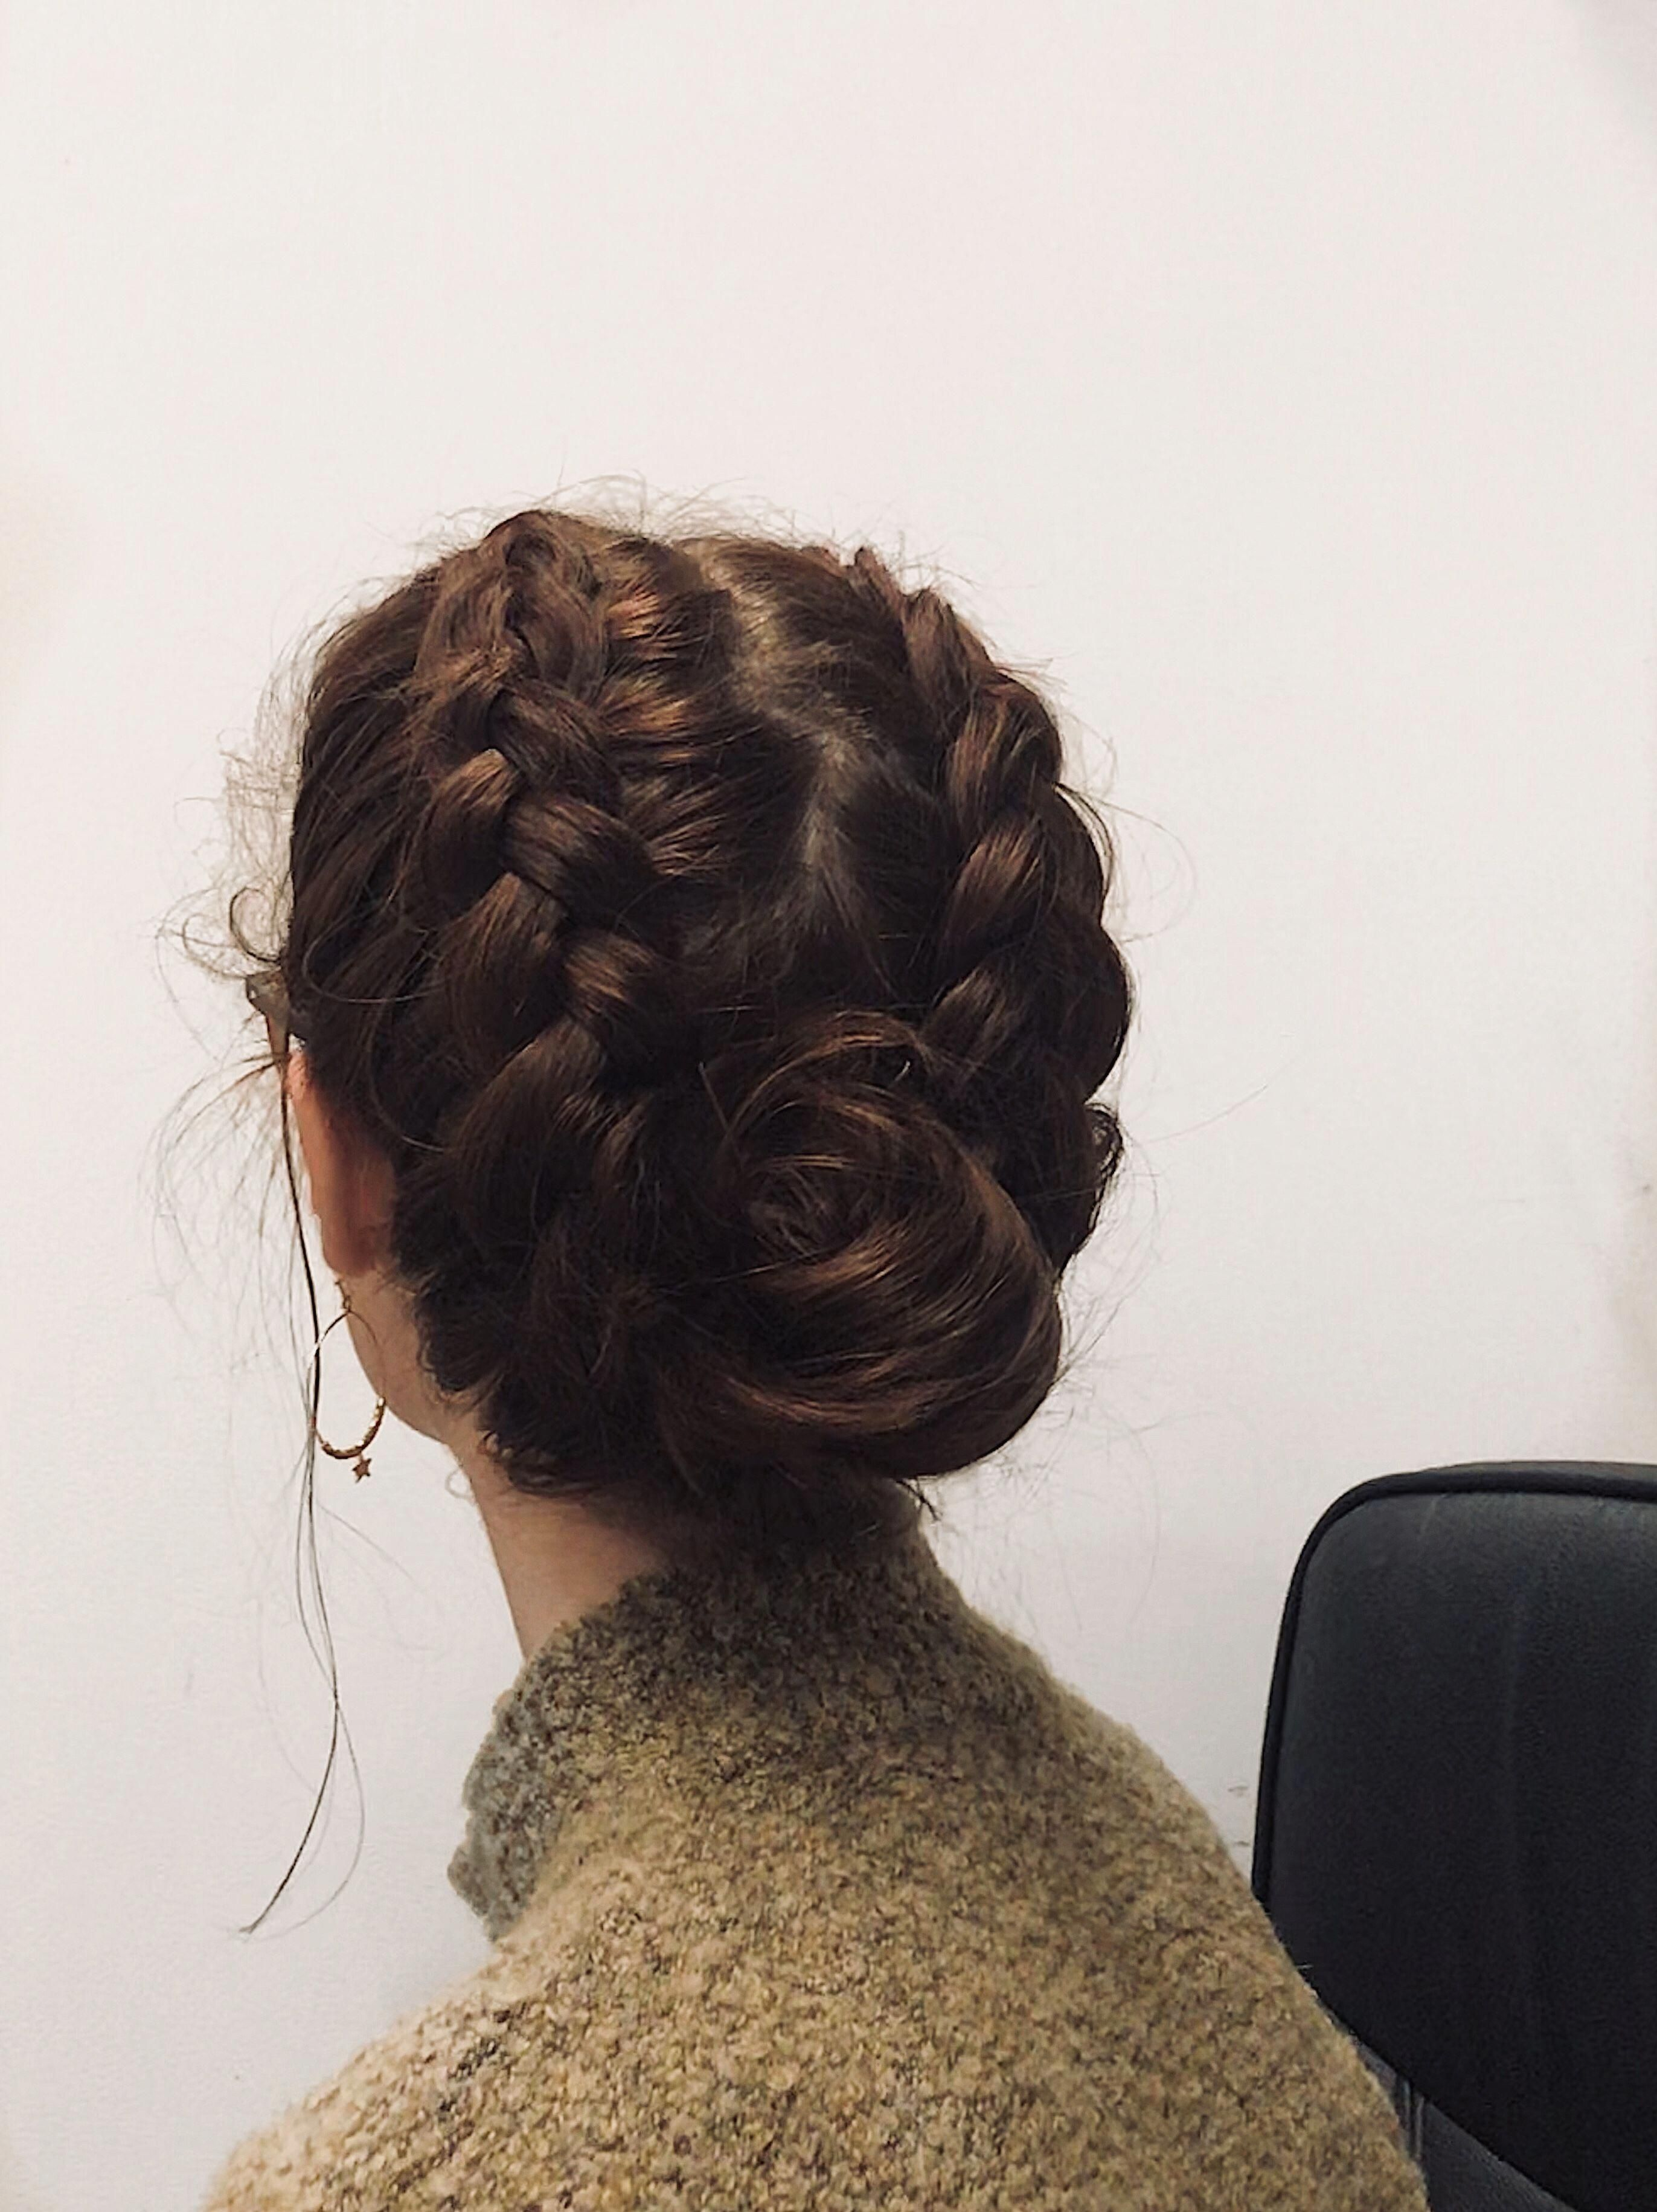 Hair Salon Greenville Nc Hair Looks Hair Hairstyle